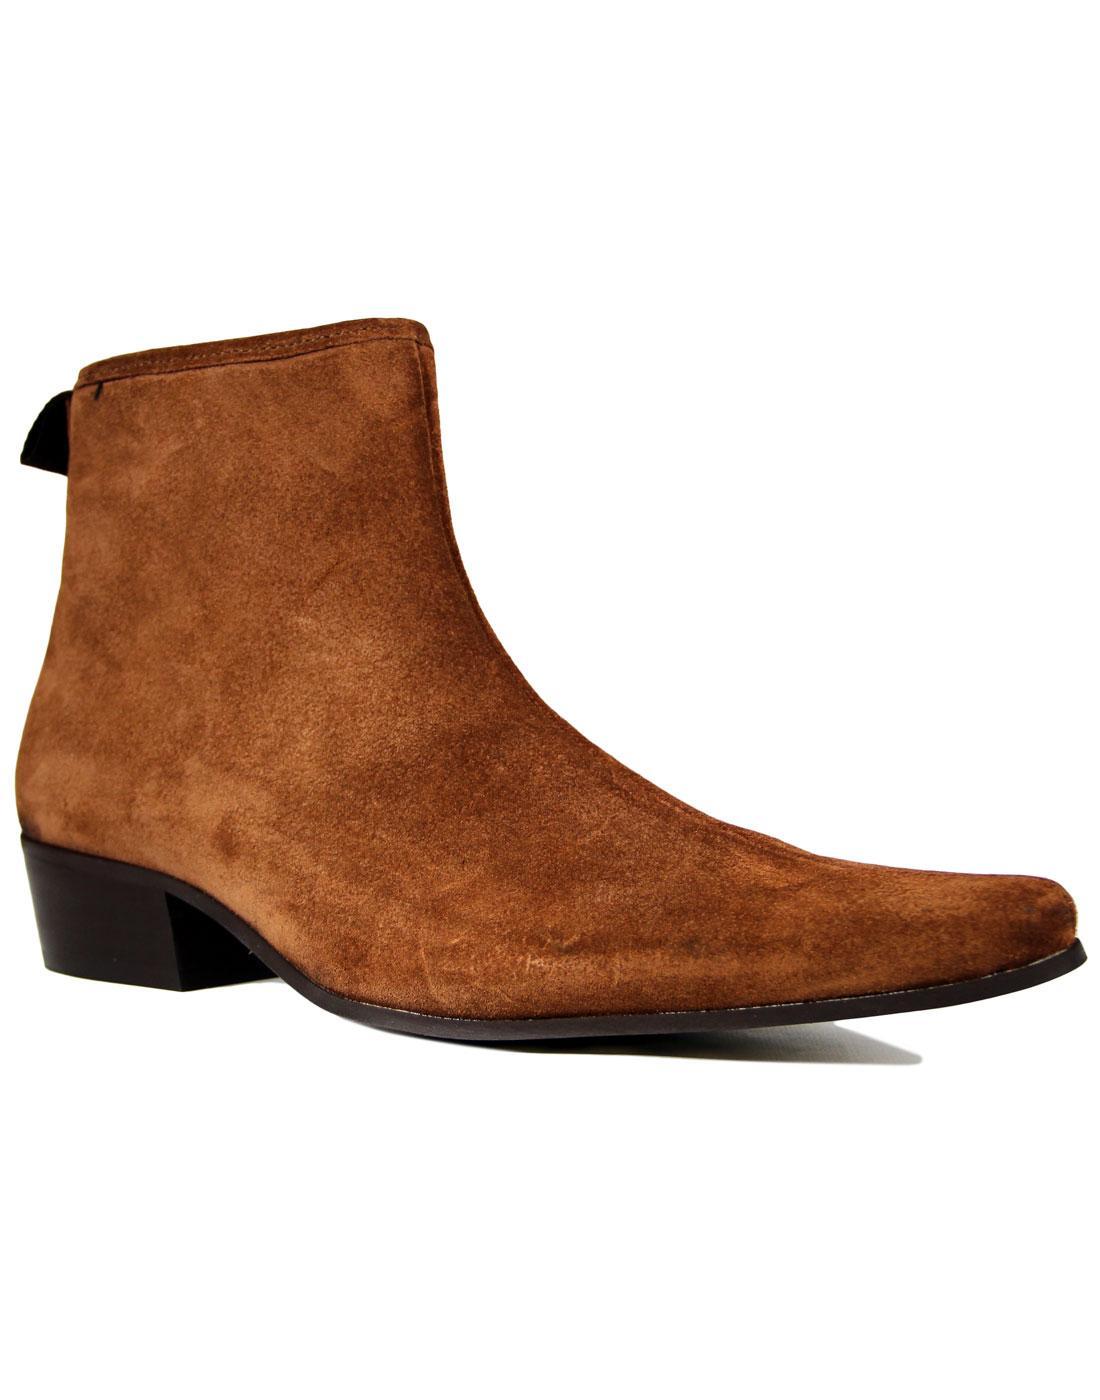 Ziggy DELICIOUS JUNCTION Cognac Zip Chelsea Boots